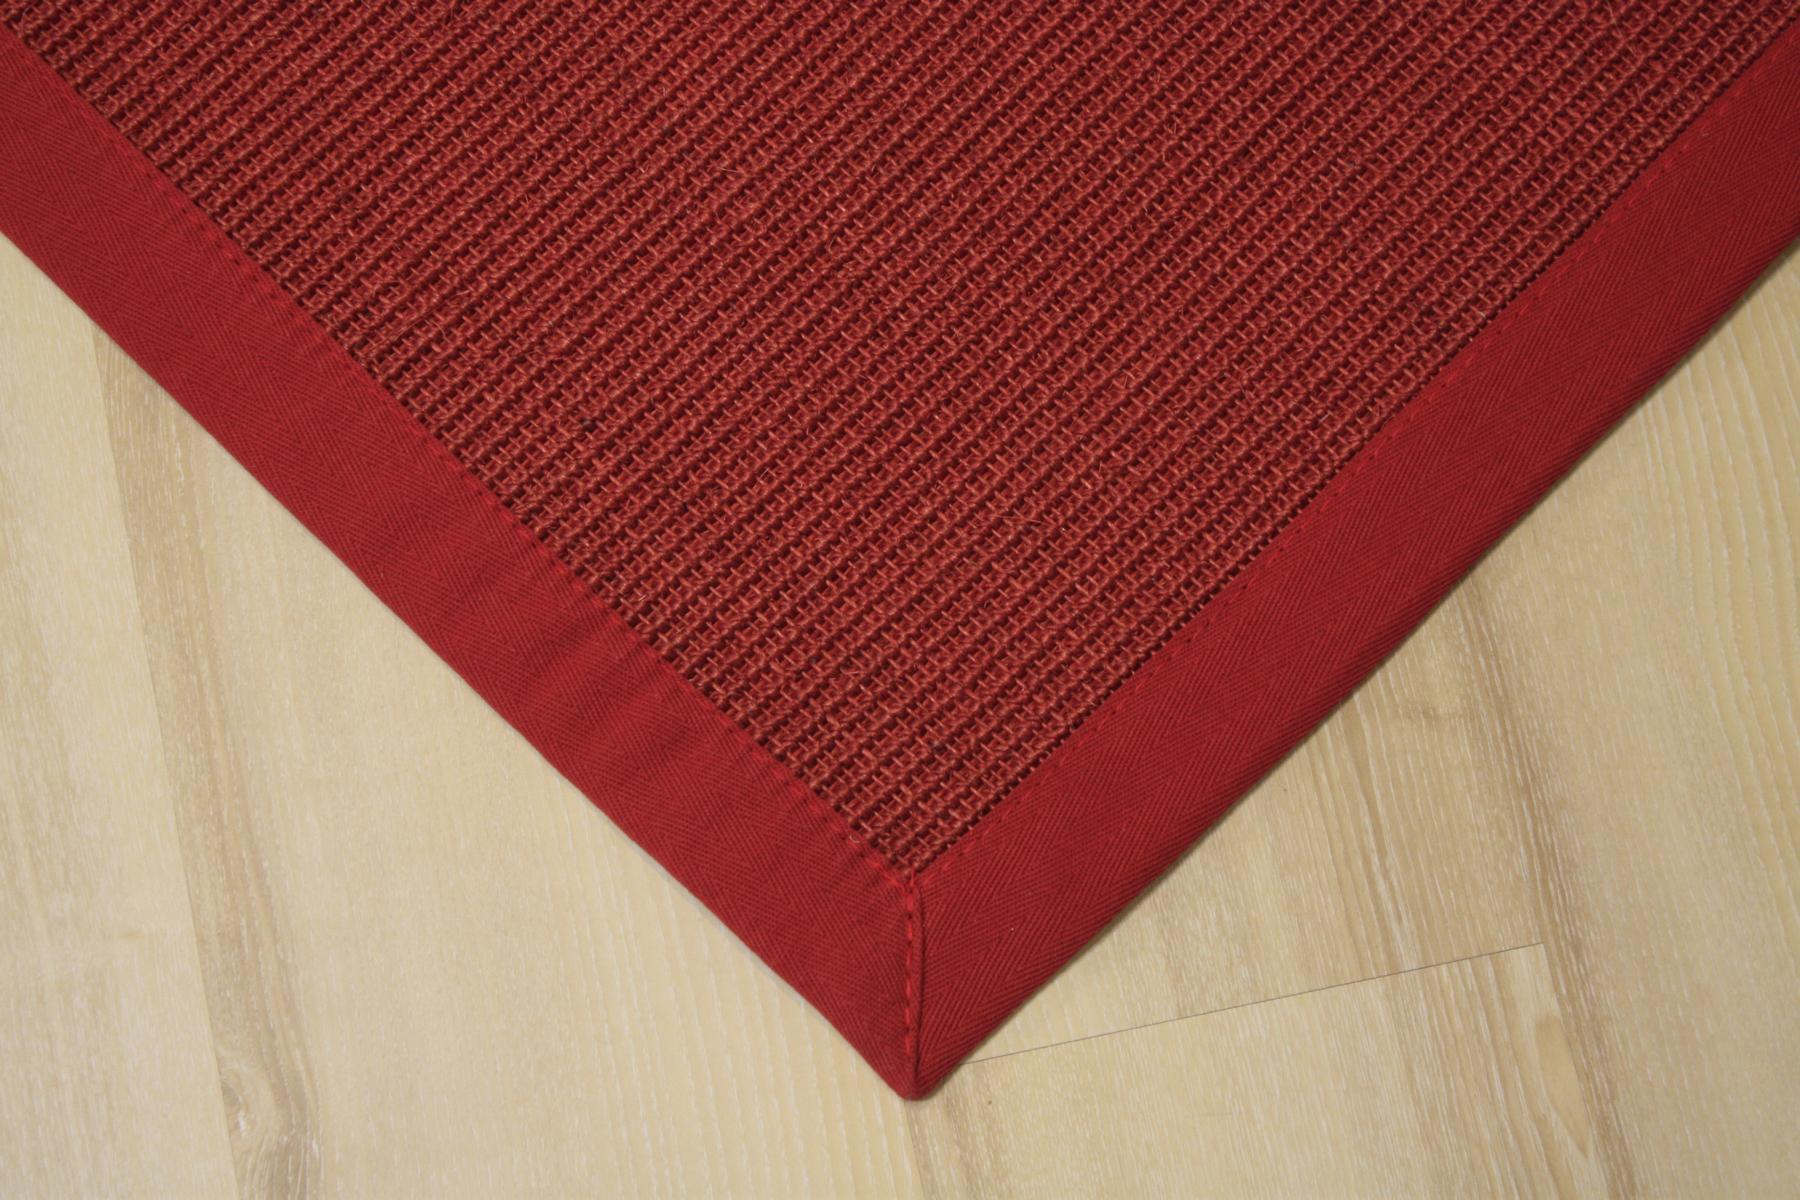 Full Size of Teppich 300x400 Sisal Manaus Mit Bordre Rot Cm 100 Für Küche Schlafzimmer Bad Badezimmer Wohnzimmer Steinteppich Teppiche Esstisch Wohnzimmer Teppich 300x400